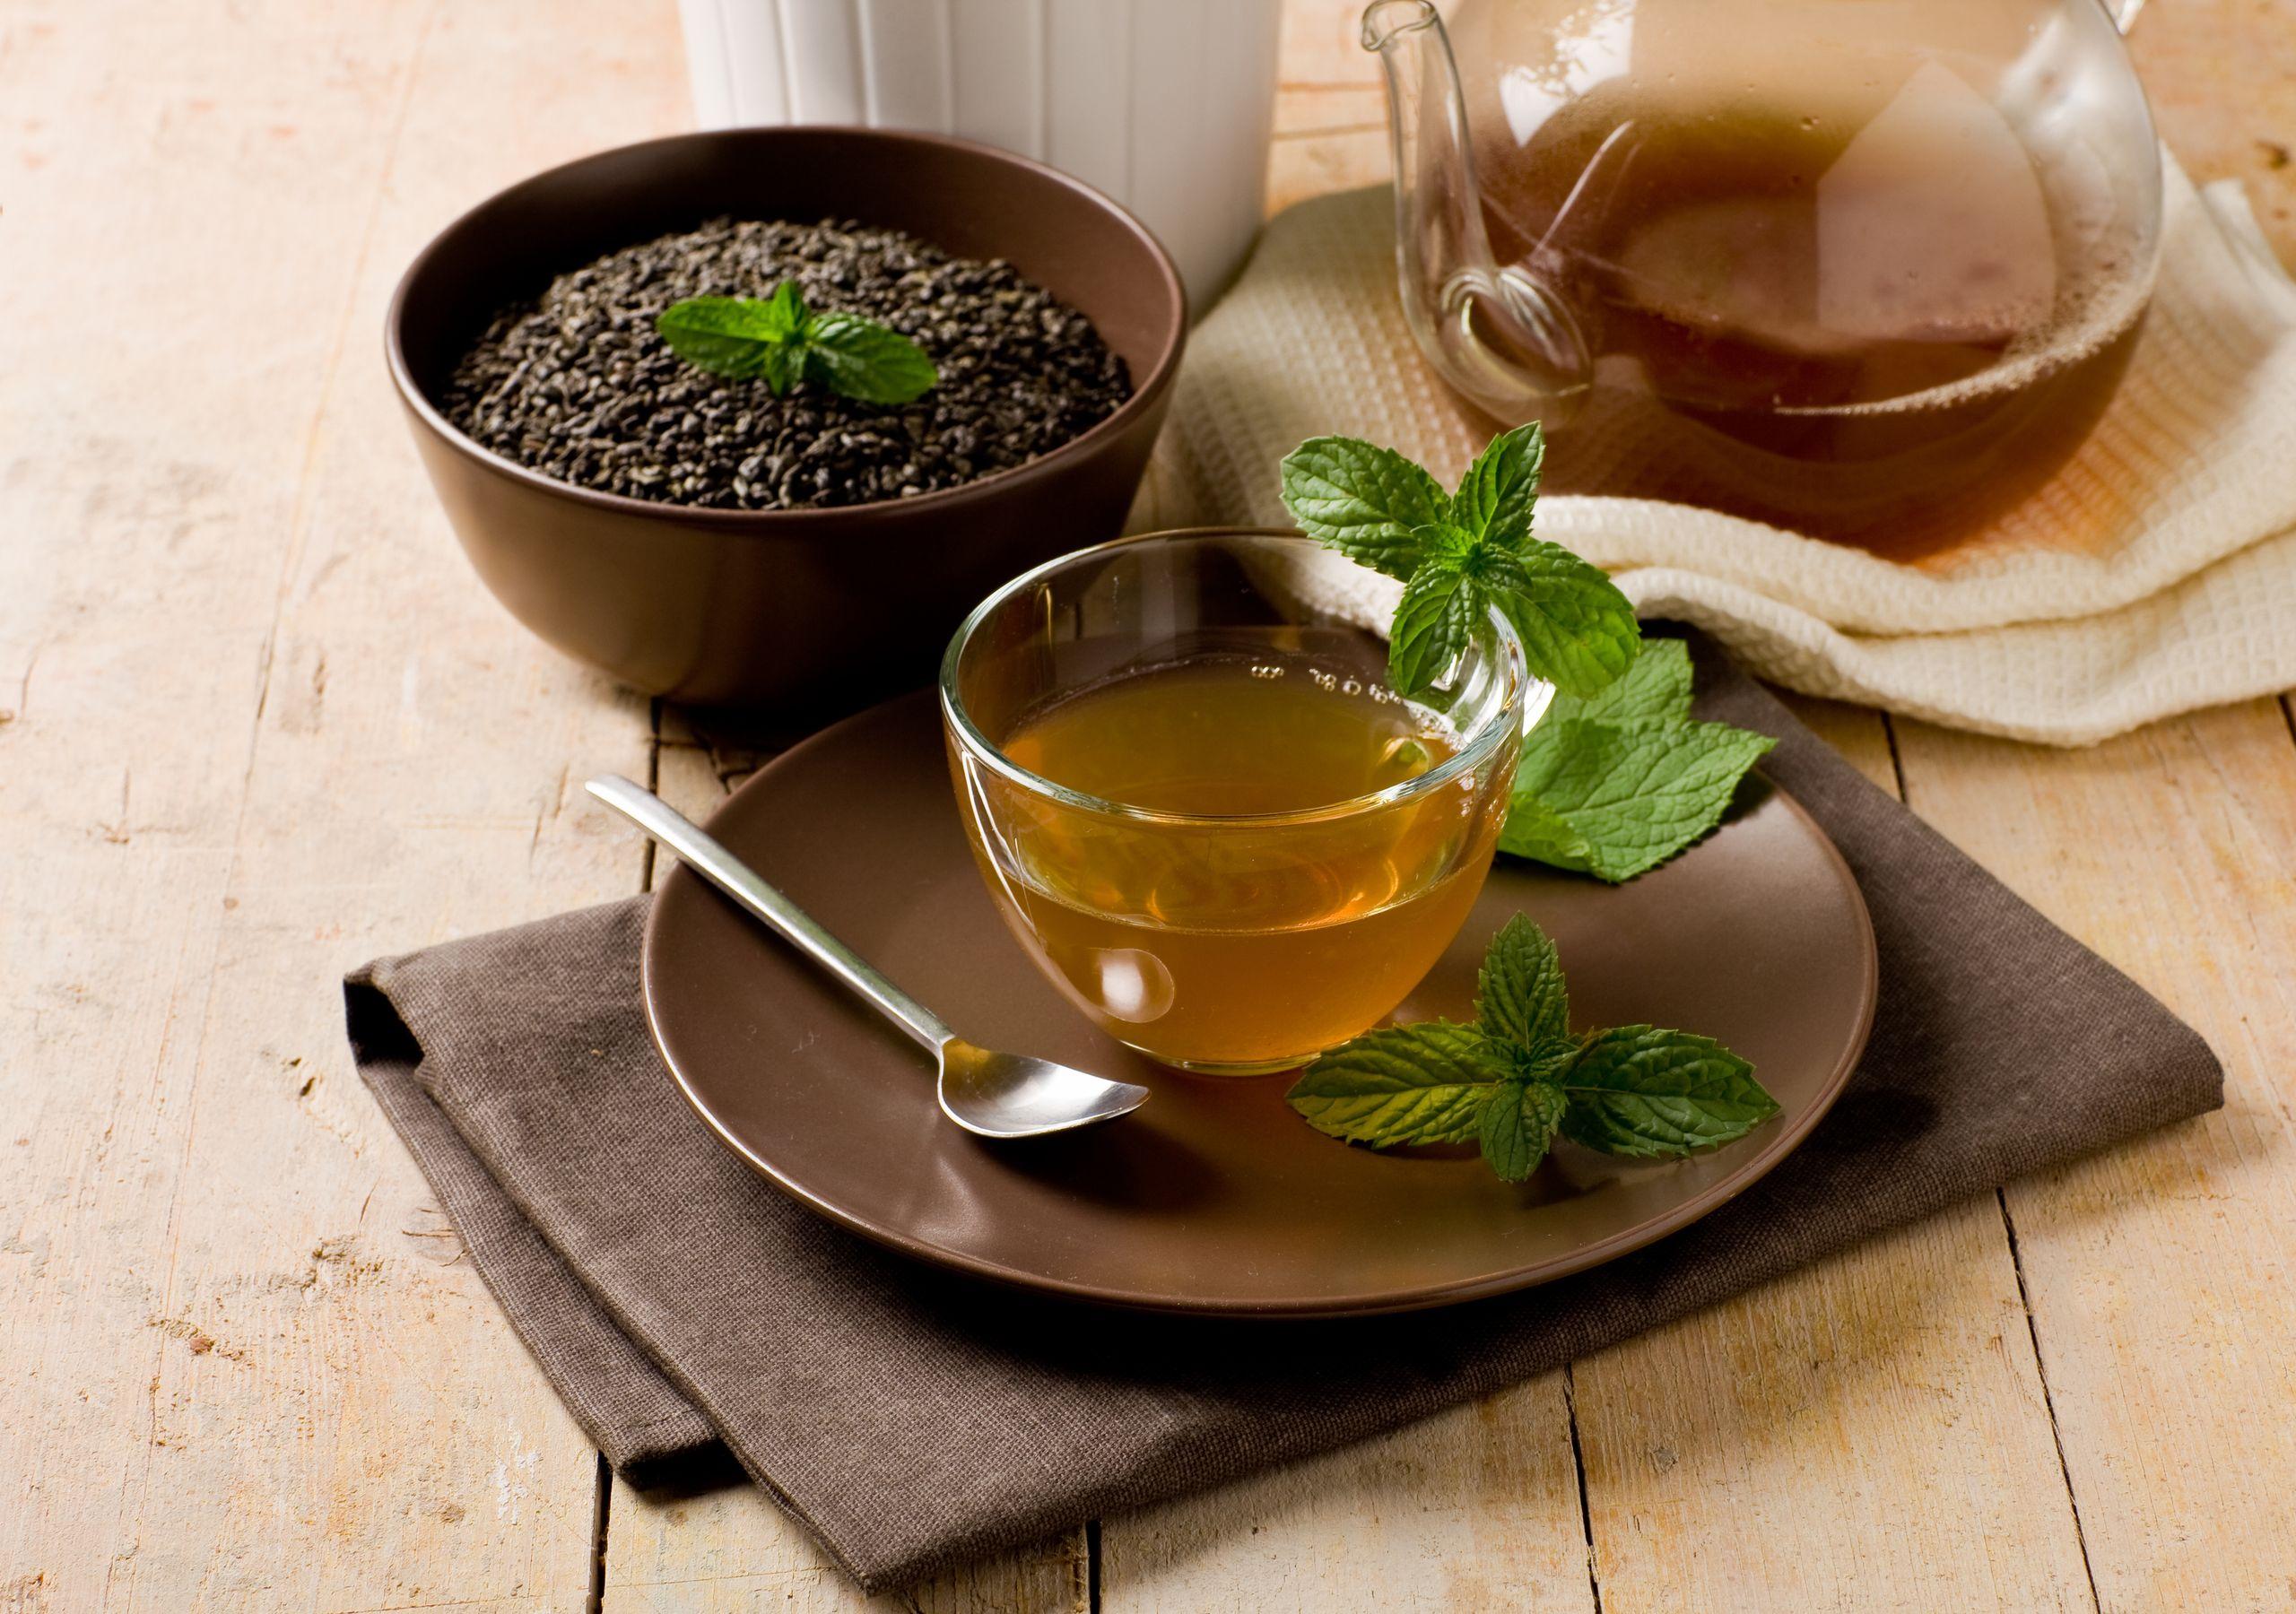 еда чай лимон мята eda tea lemon flicking  № 676186 без смс